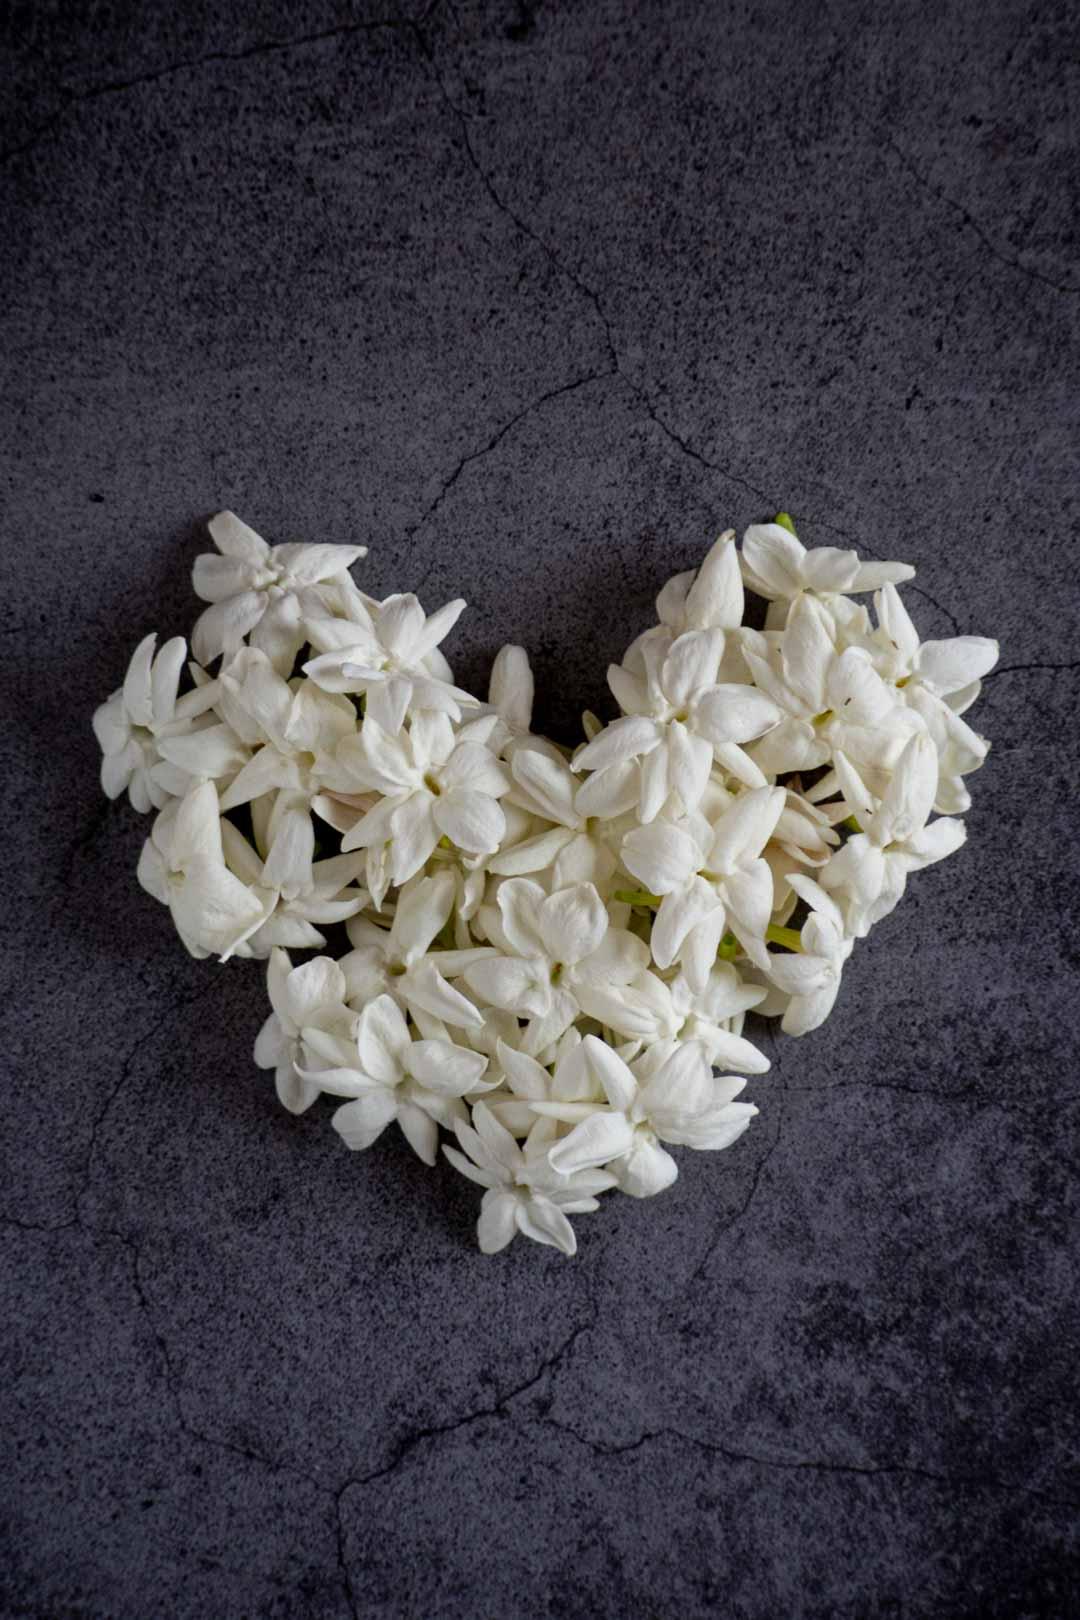 jasmine flowers arranged in a heart shape